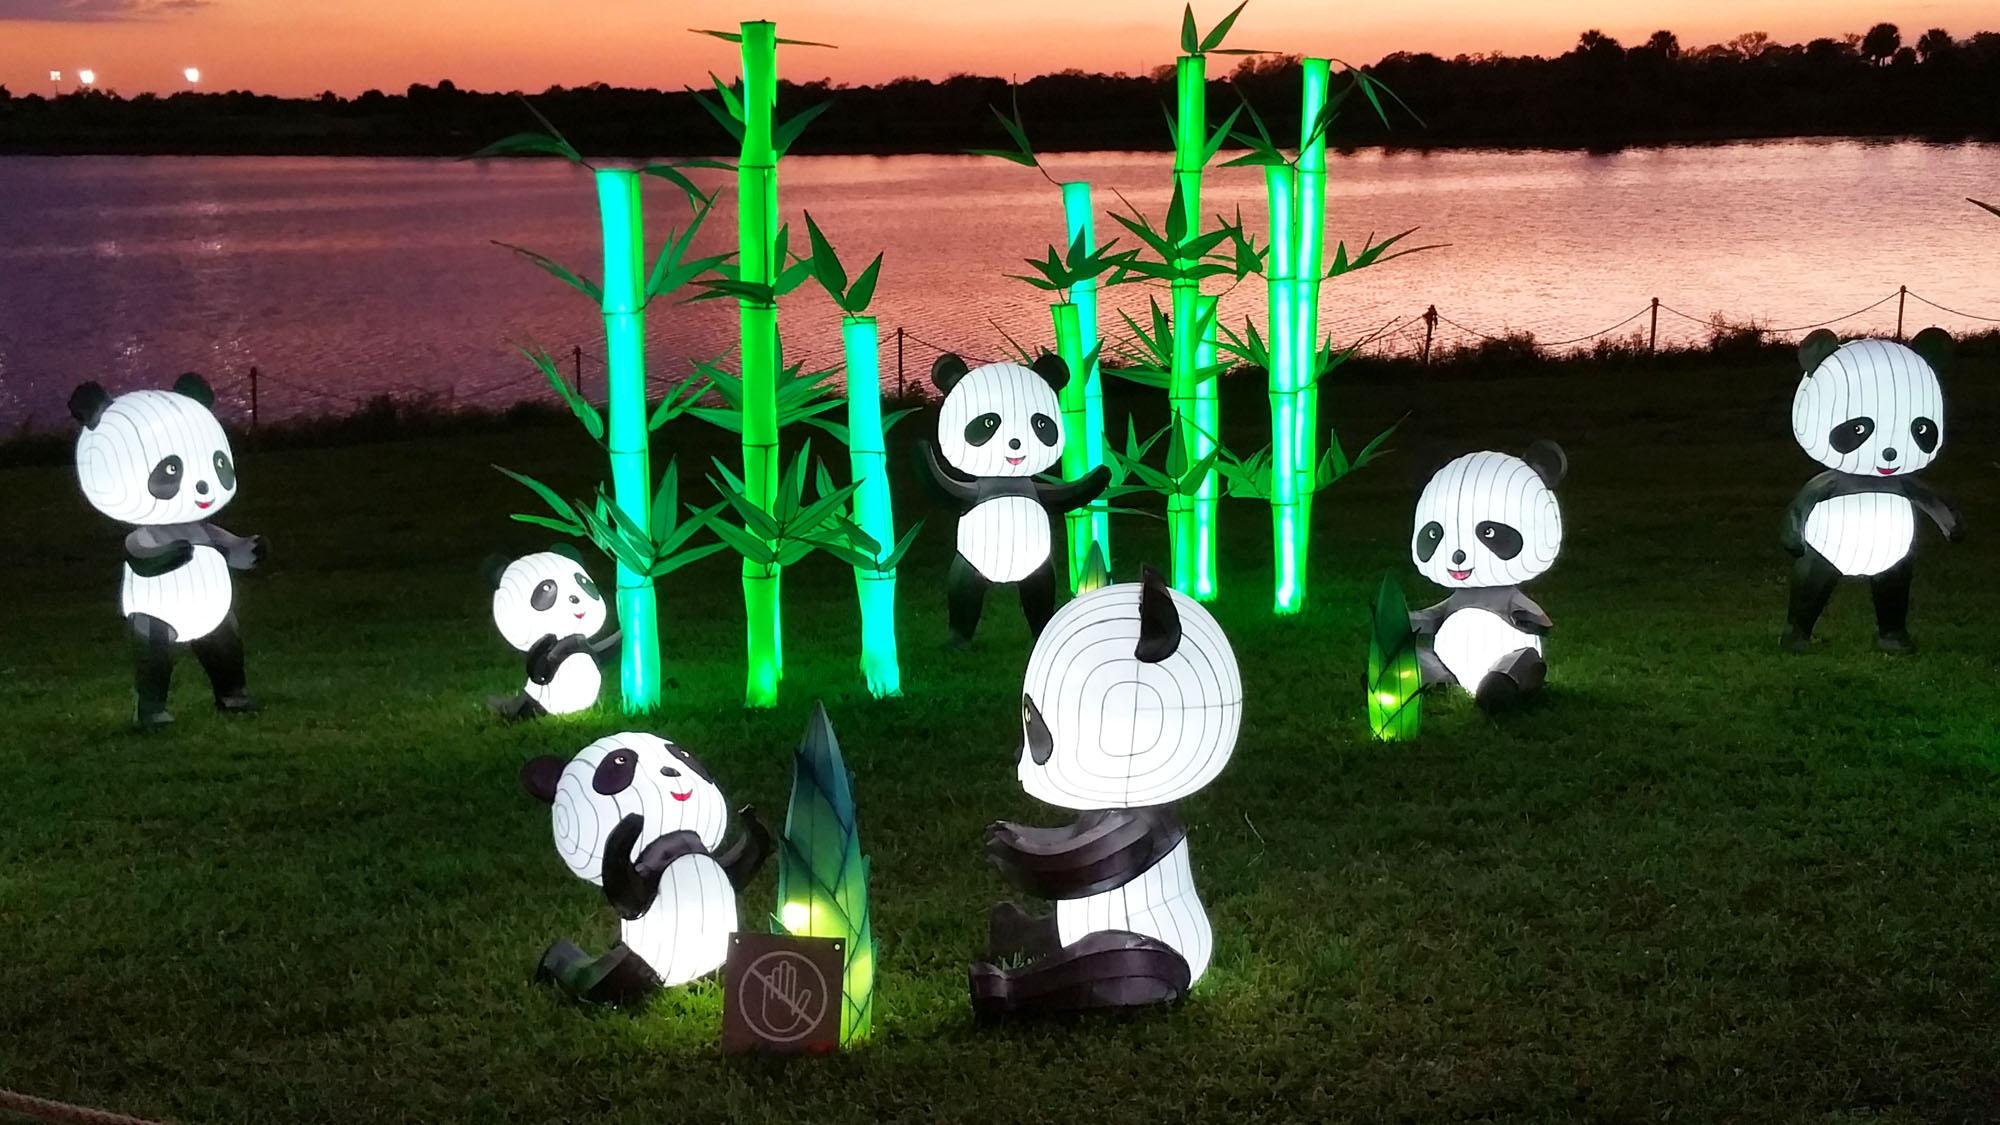 pandas-lantern-festival